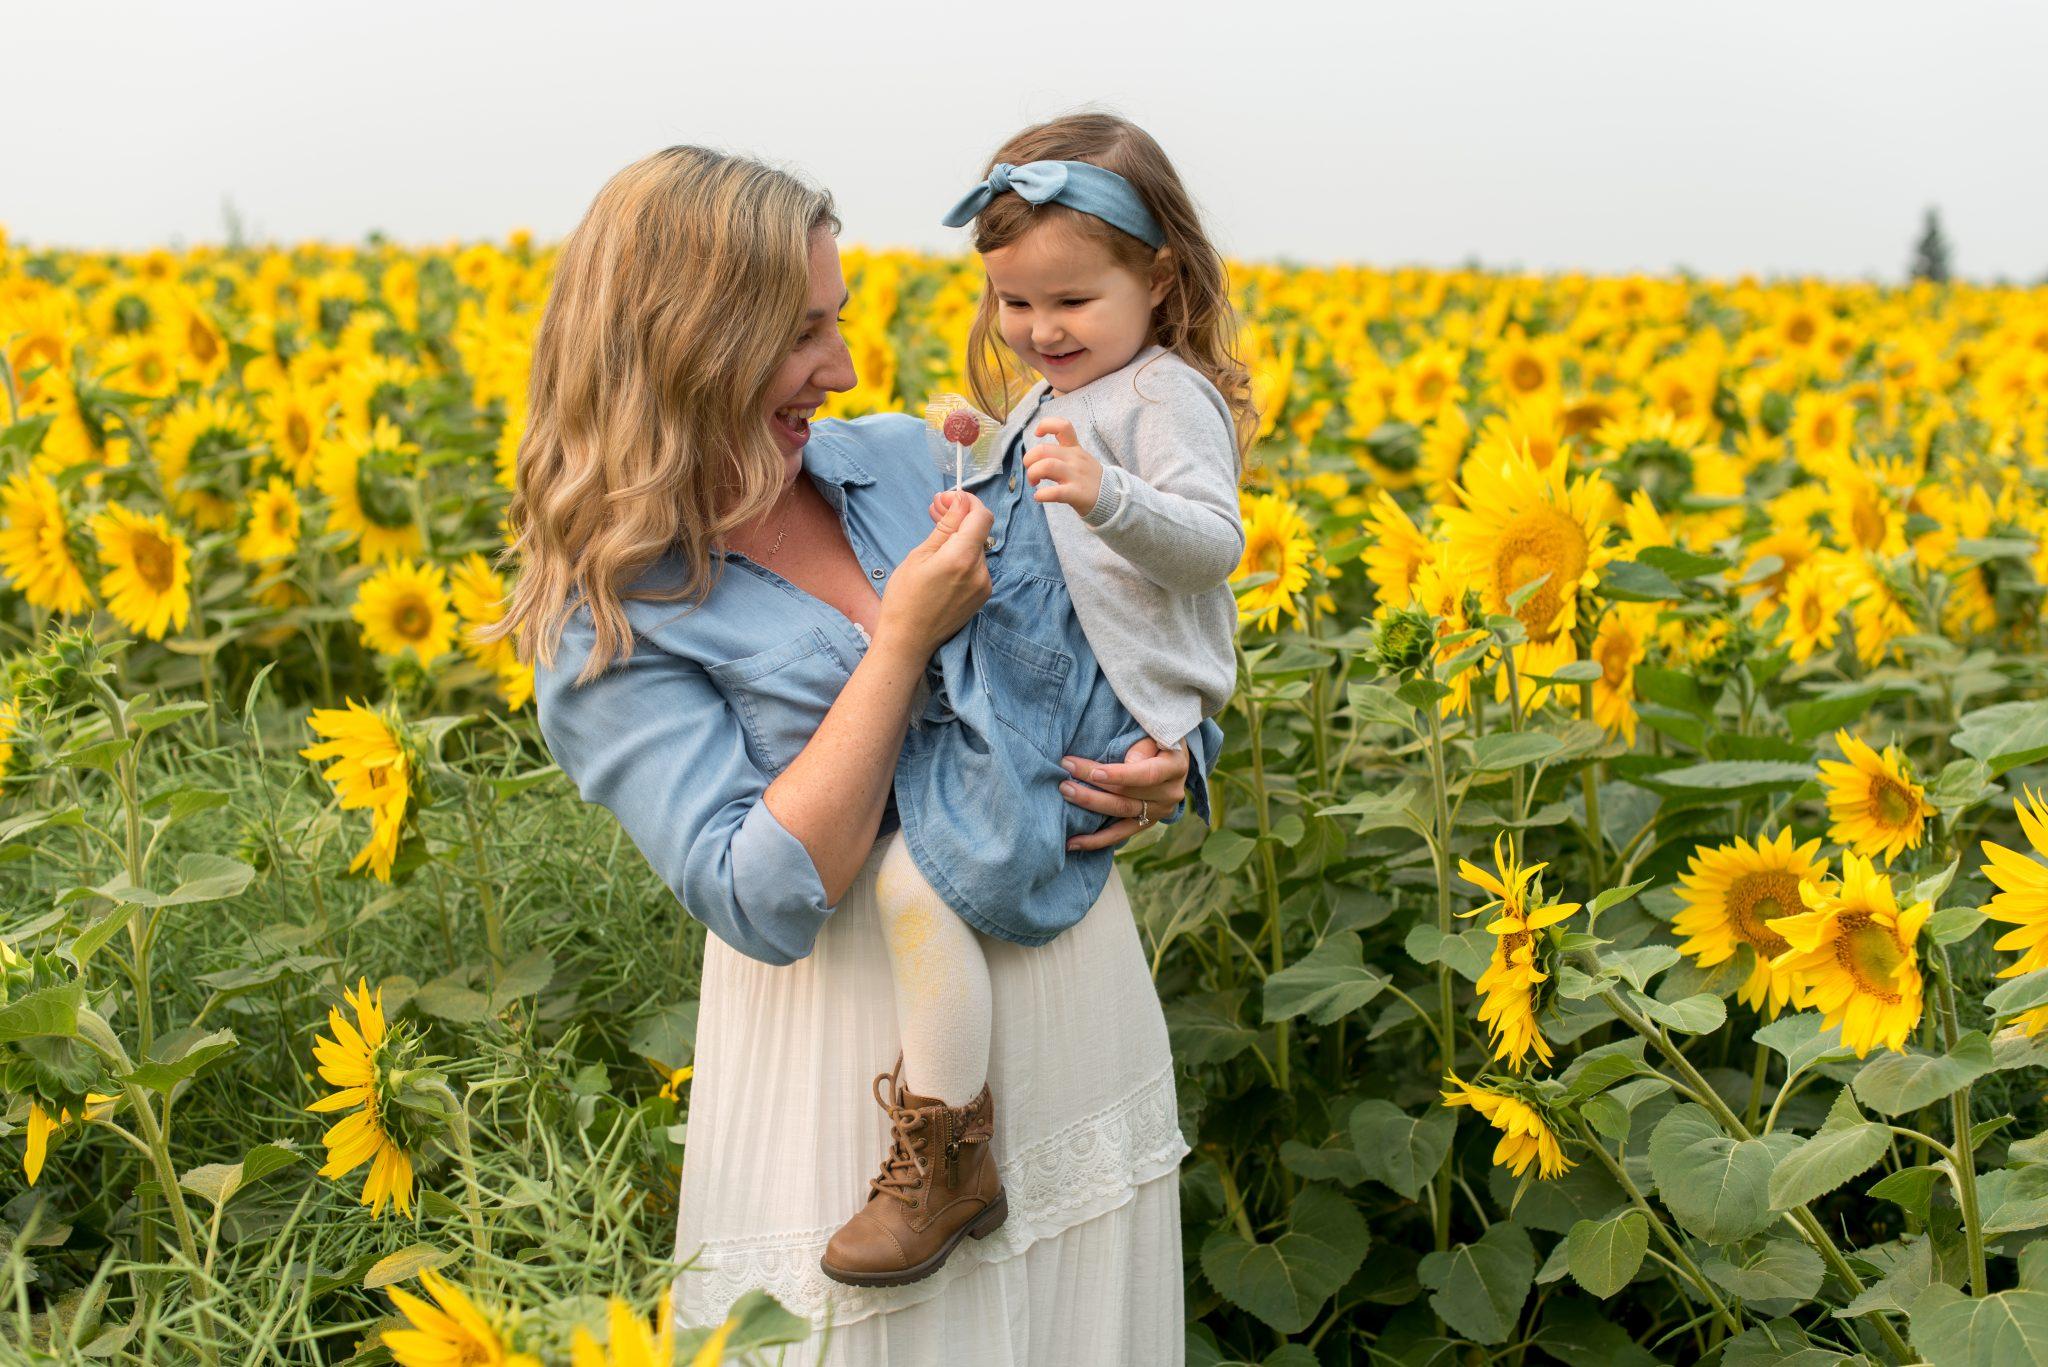 Sunflower Family Photos in Edmonton Alberta with Sturgeon Sunflowers